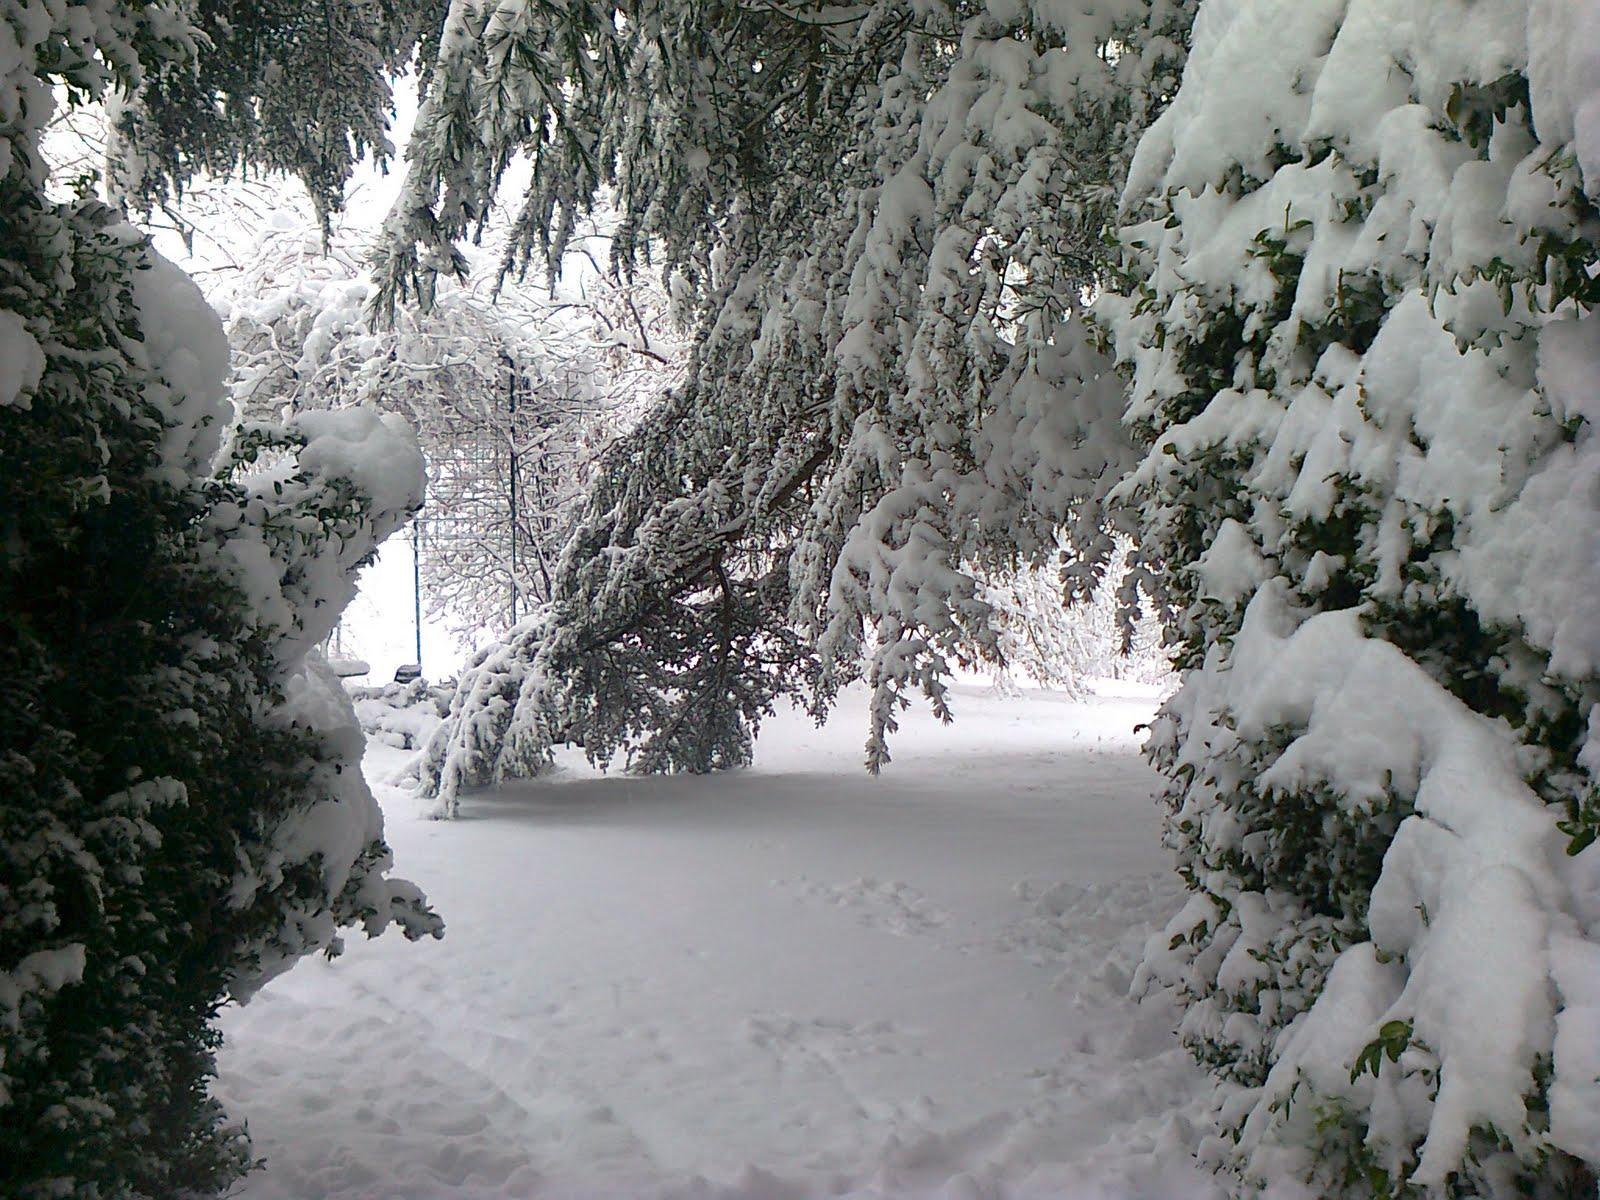 Attrice giardiniera giardino d 39 inverno - Giardino d inverno normativa ...